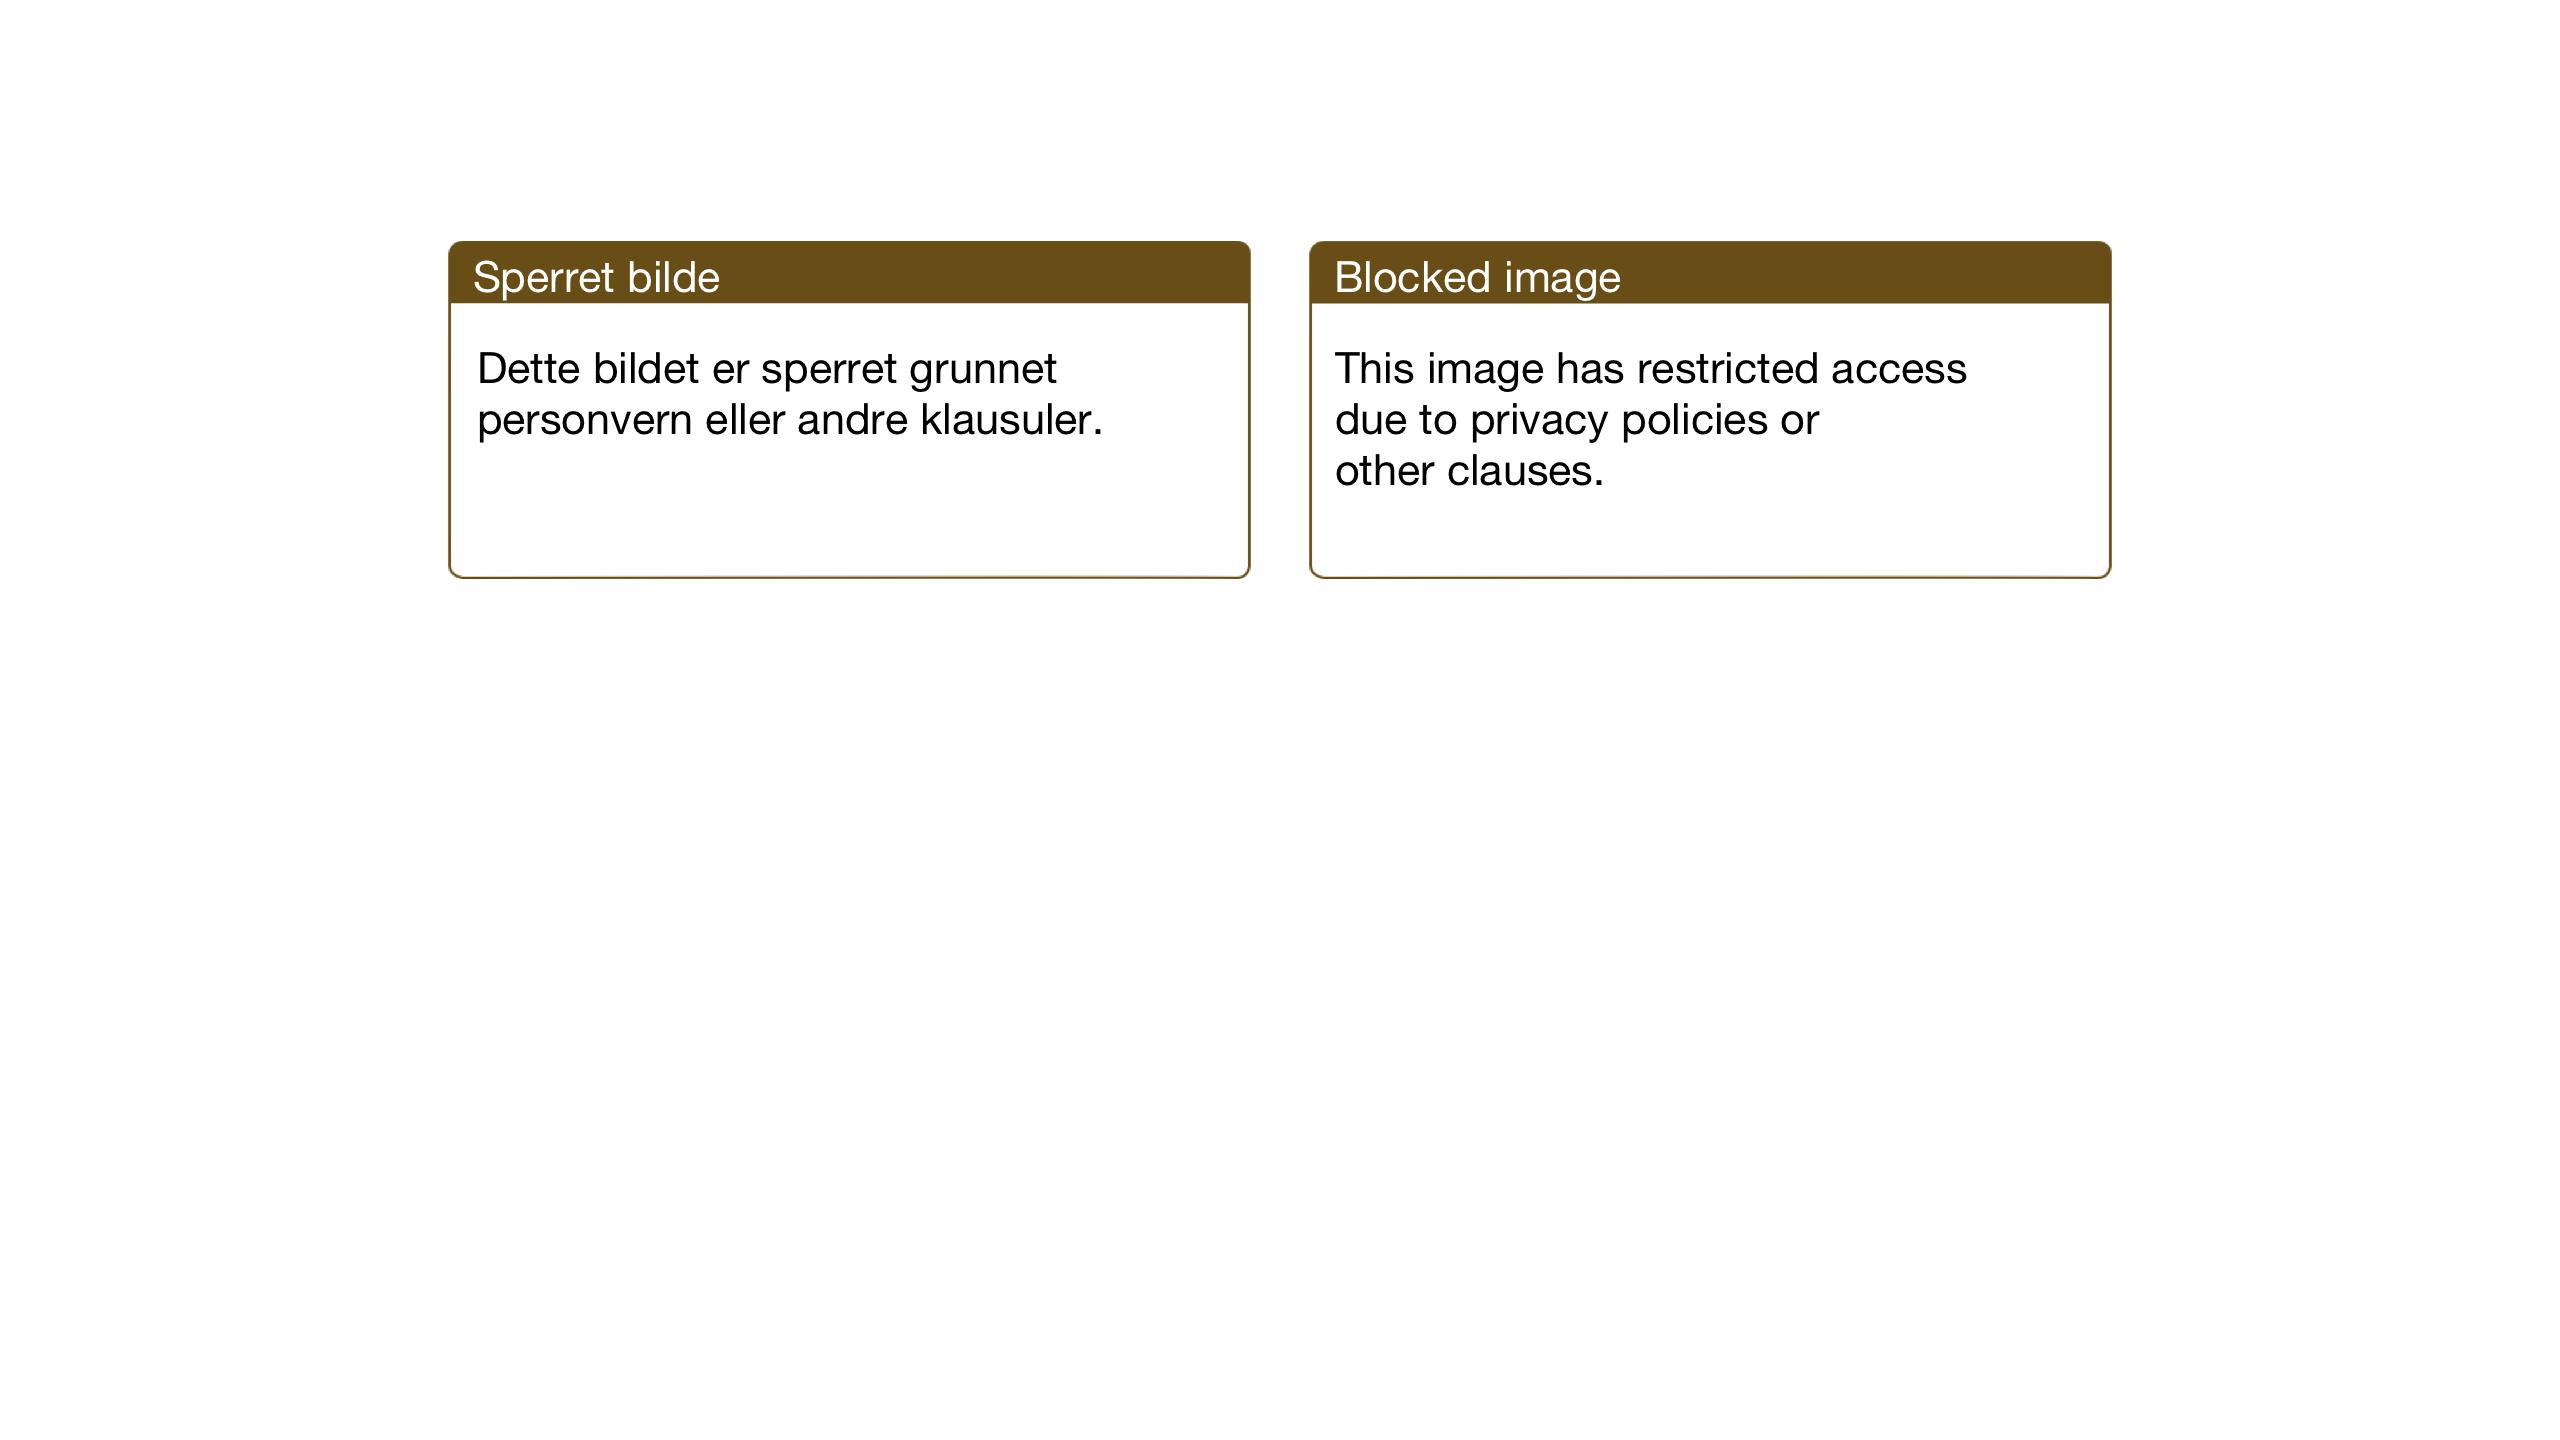 SAT, Ministerialprotokoller, klokkerbøker og fødselsregistre - Sør-Trøndelag, 651/L0648: Klokkerbok nr. 651C02, 1915-1945, s. 99